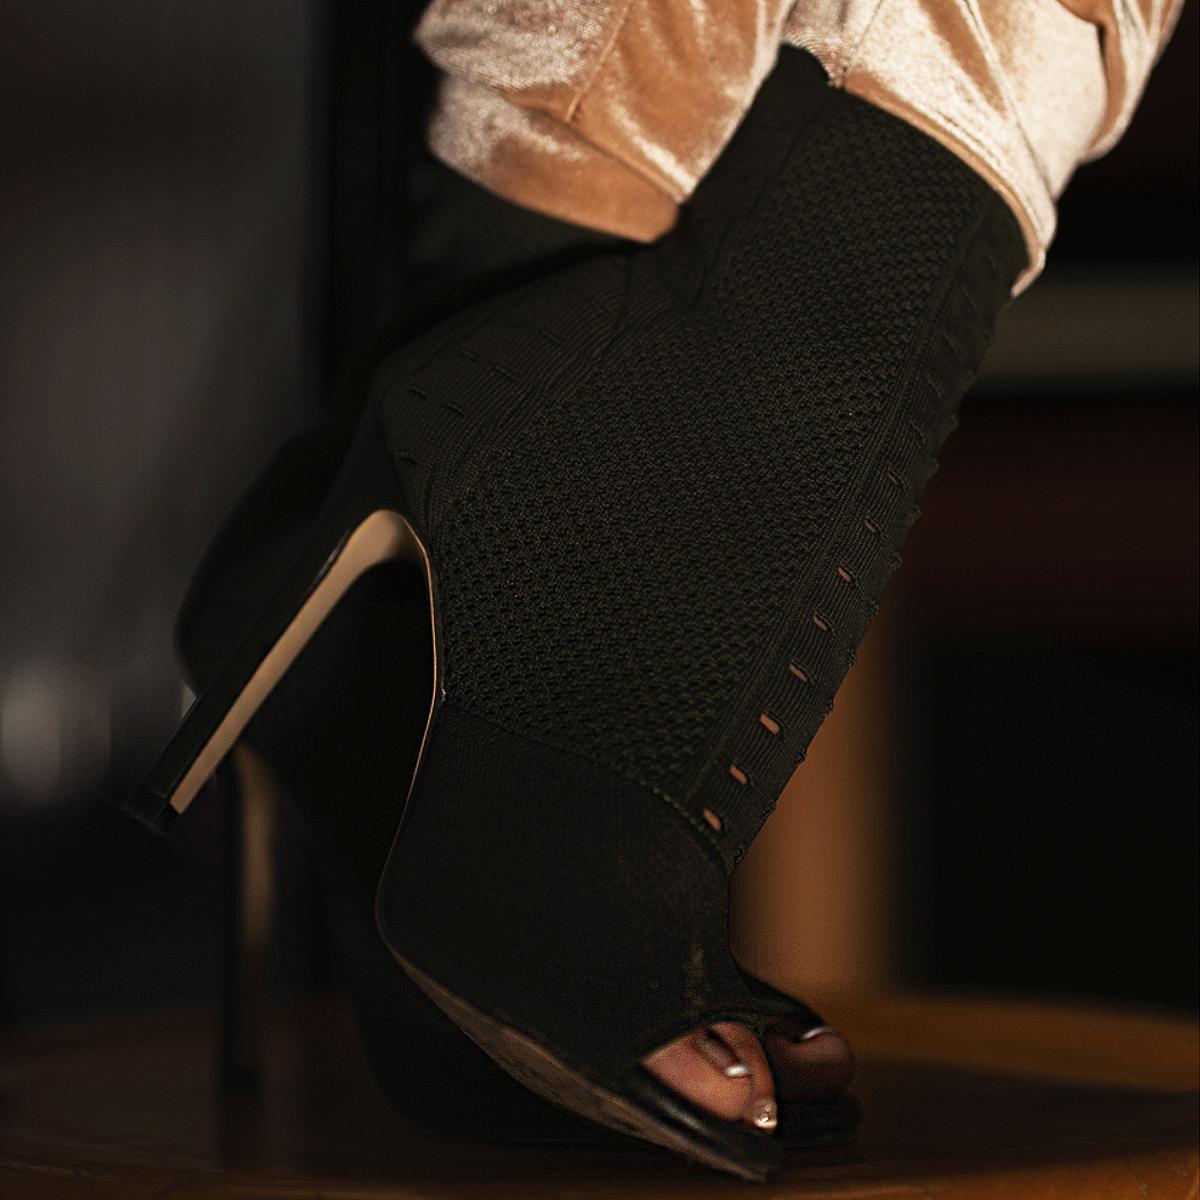 Tamara-Kramer-Sock-in-boots02-1.png